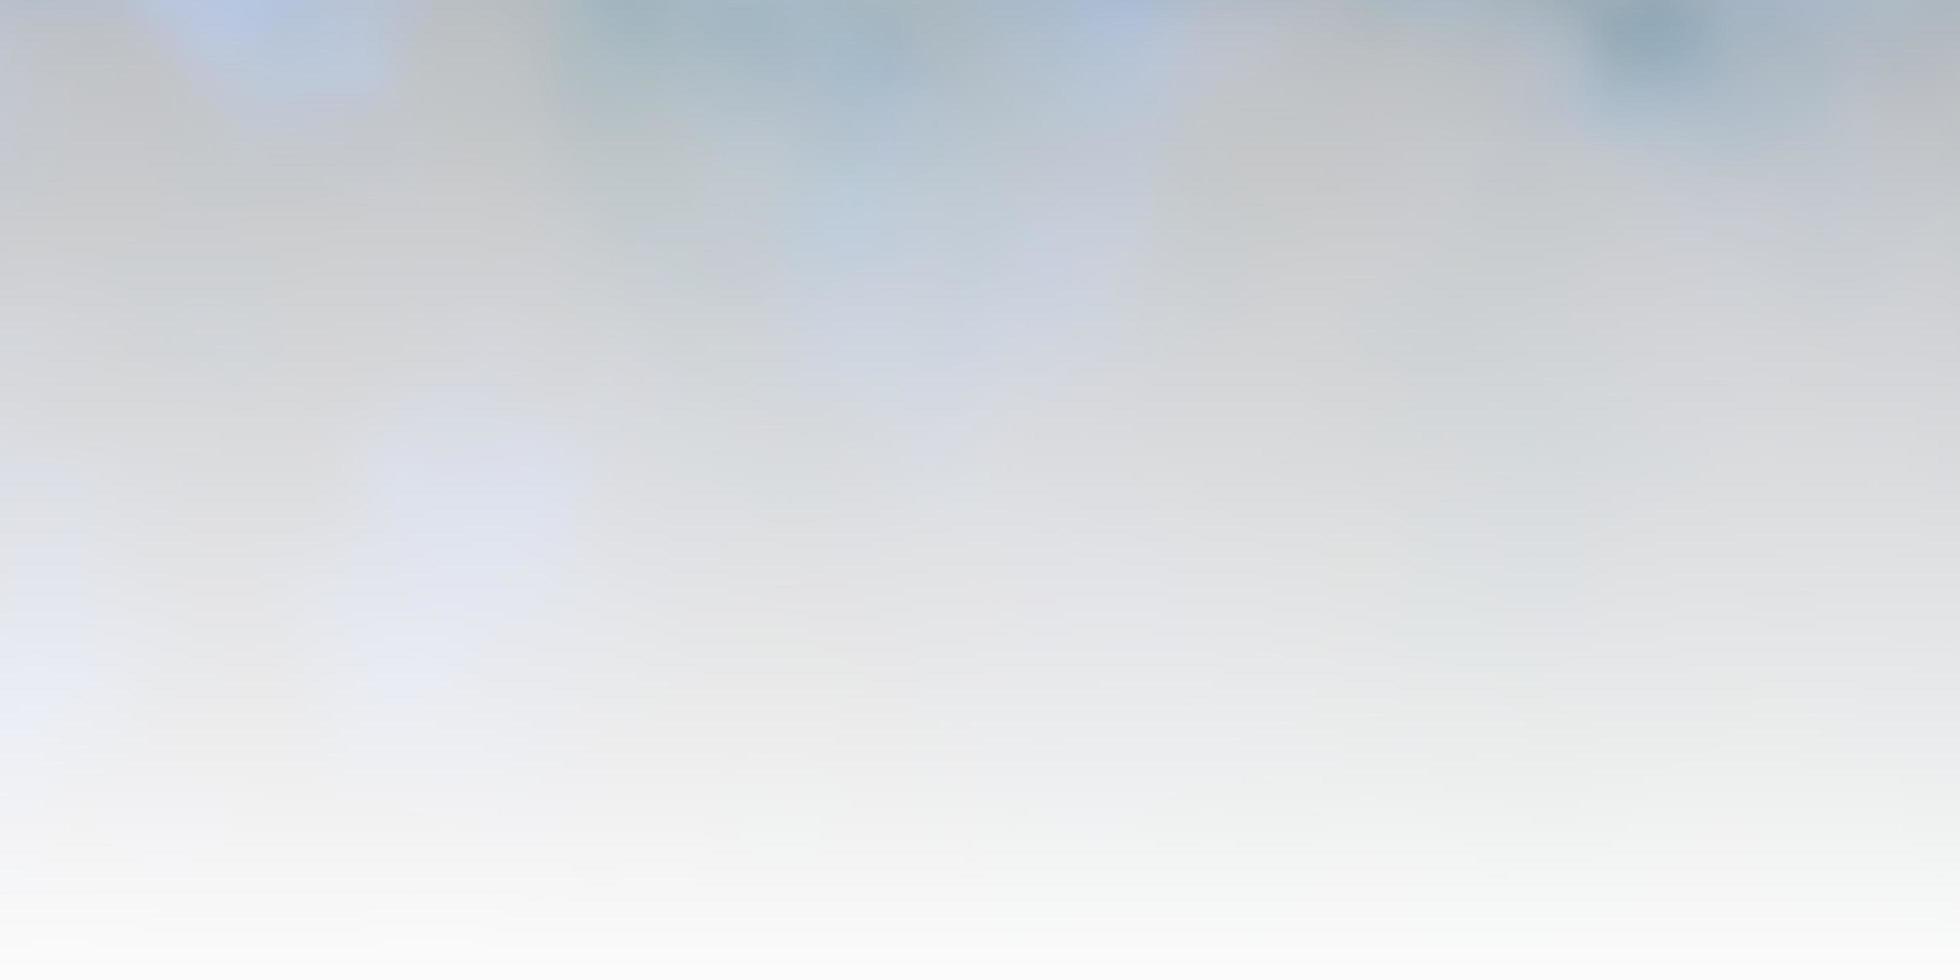 donkerblauw vector sjabloon met lucht, wolken.